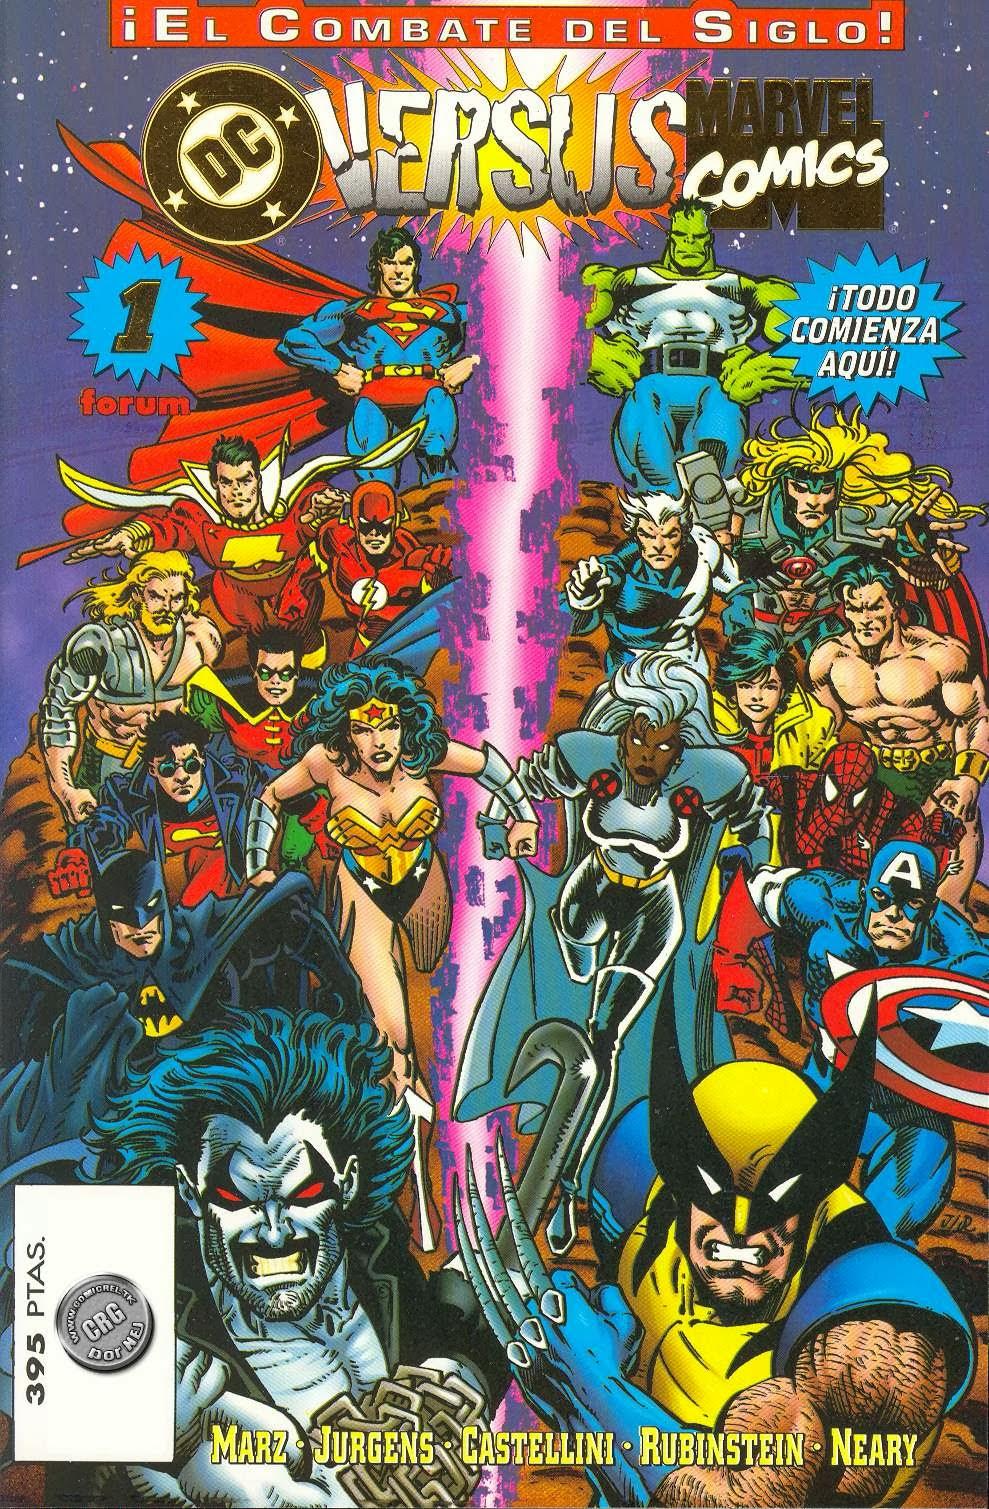 Comics online marvel vs dc - Marvel spiderman comics pdf ...